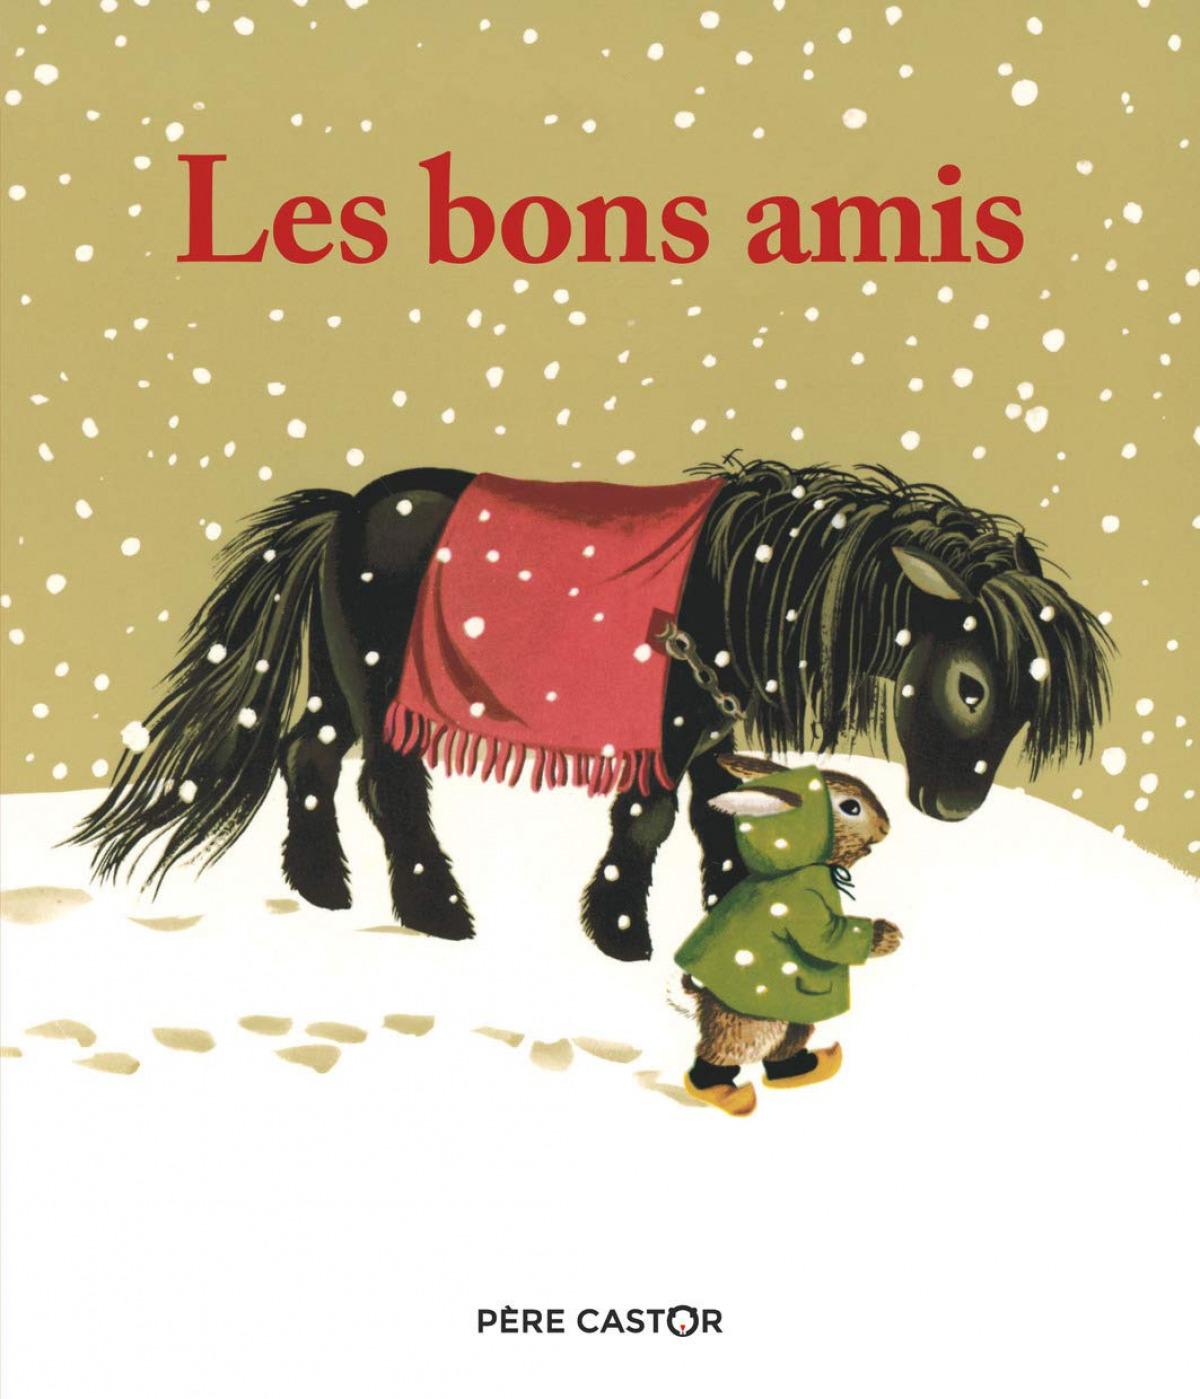 LES BONS AMIS (LES HISTOIRES DU PÈRE CASTOR)